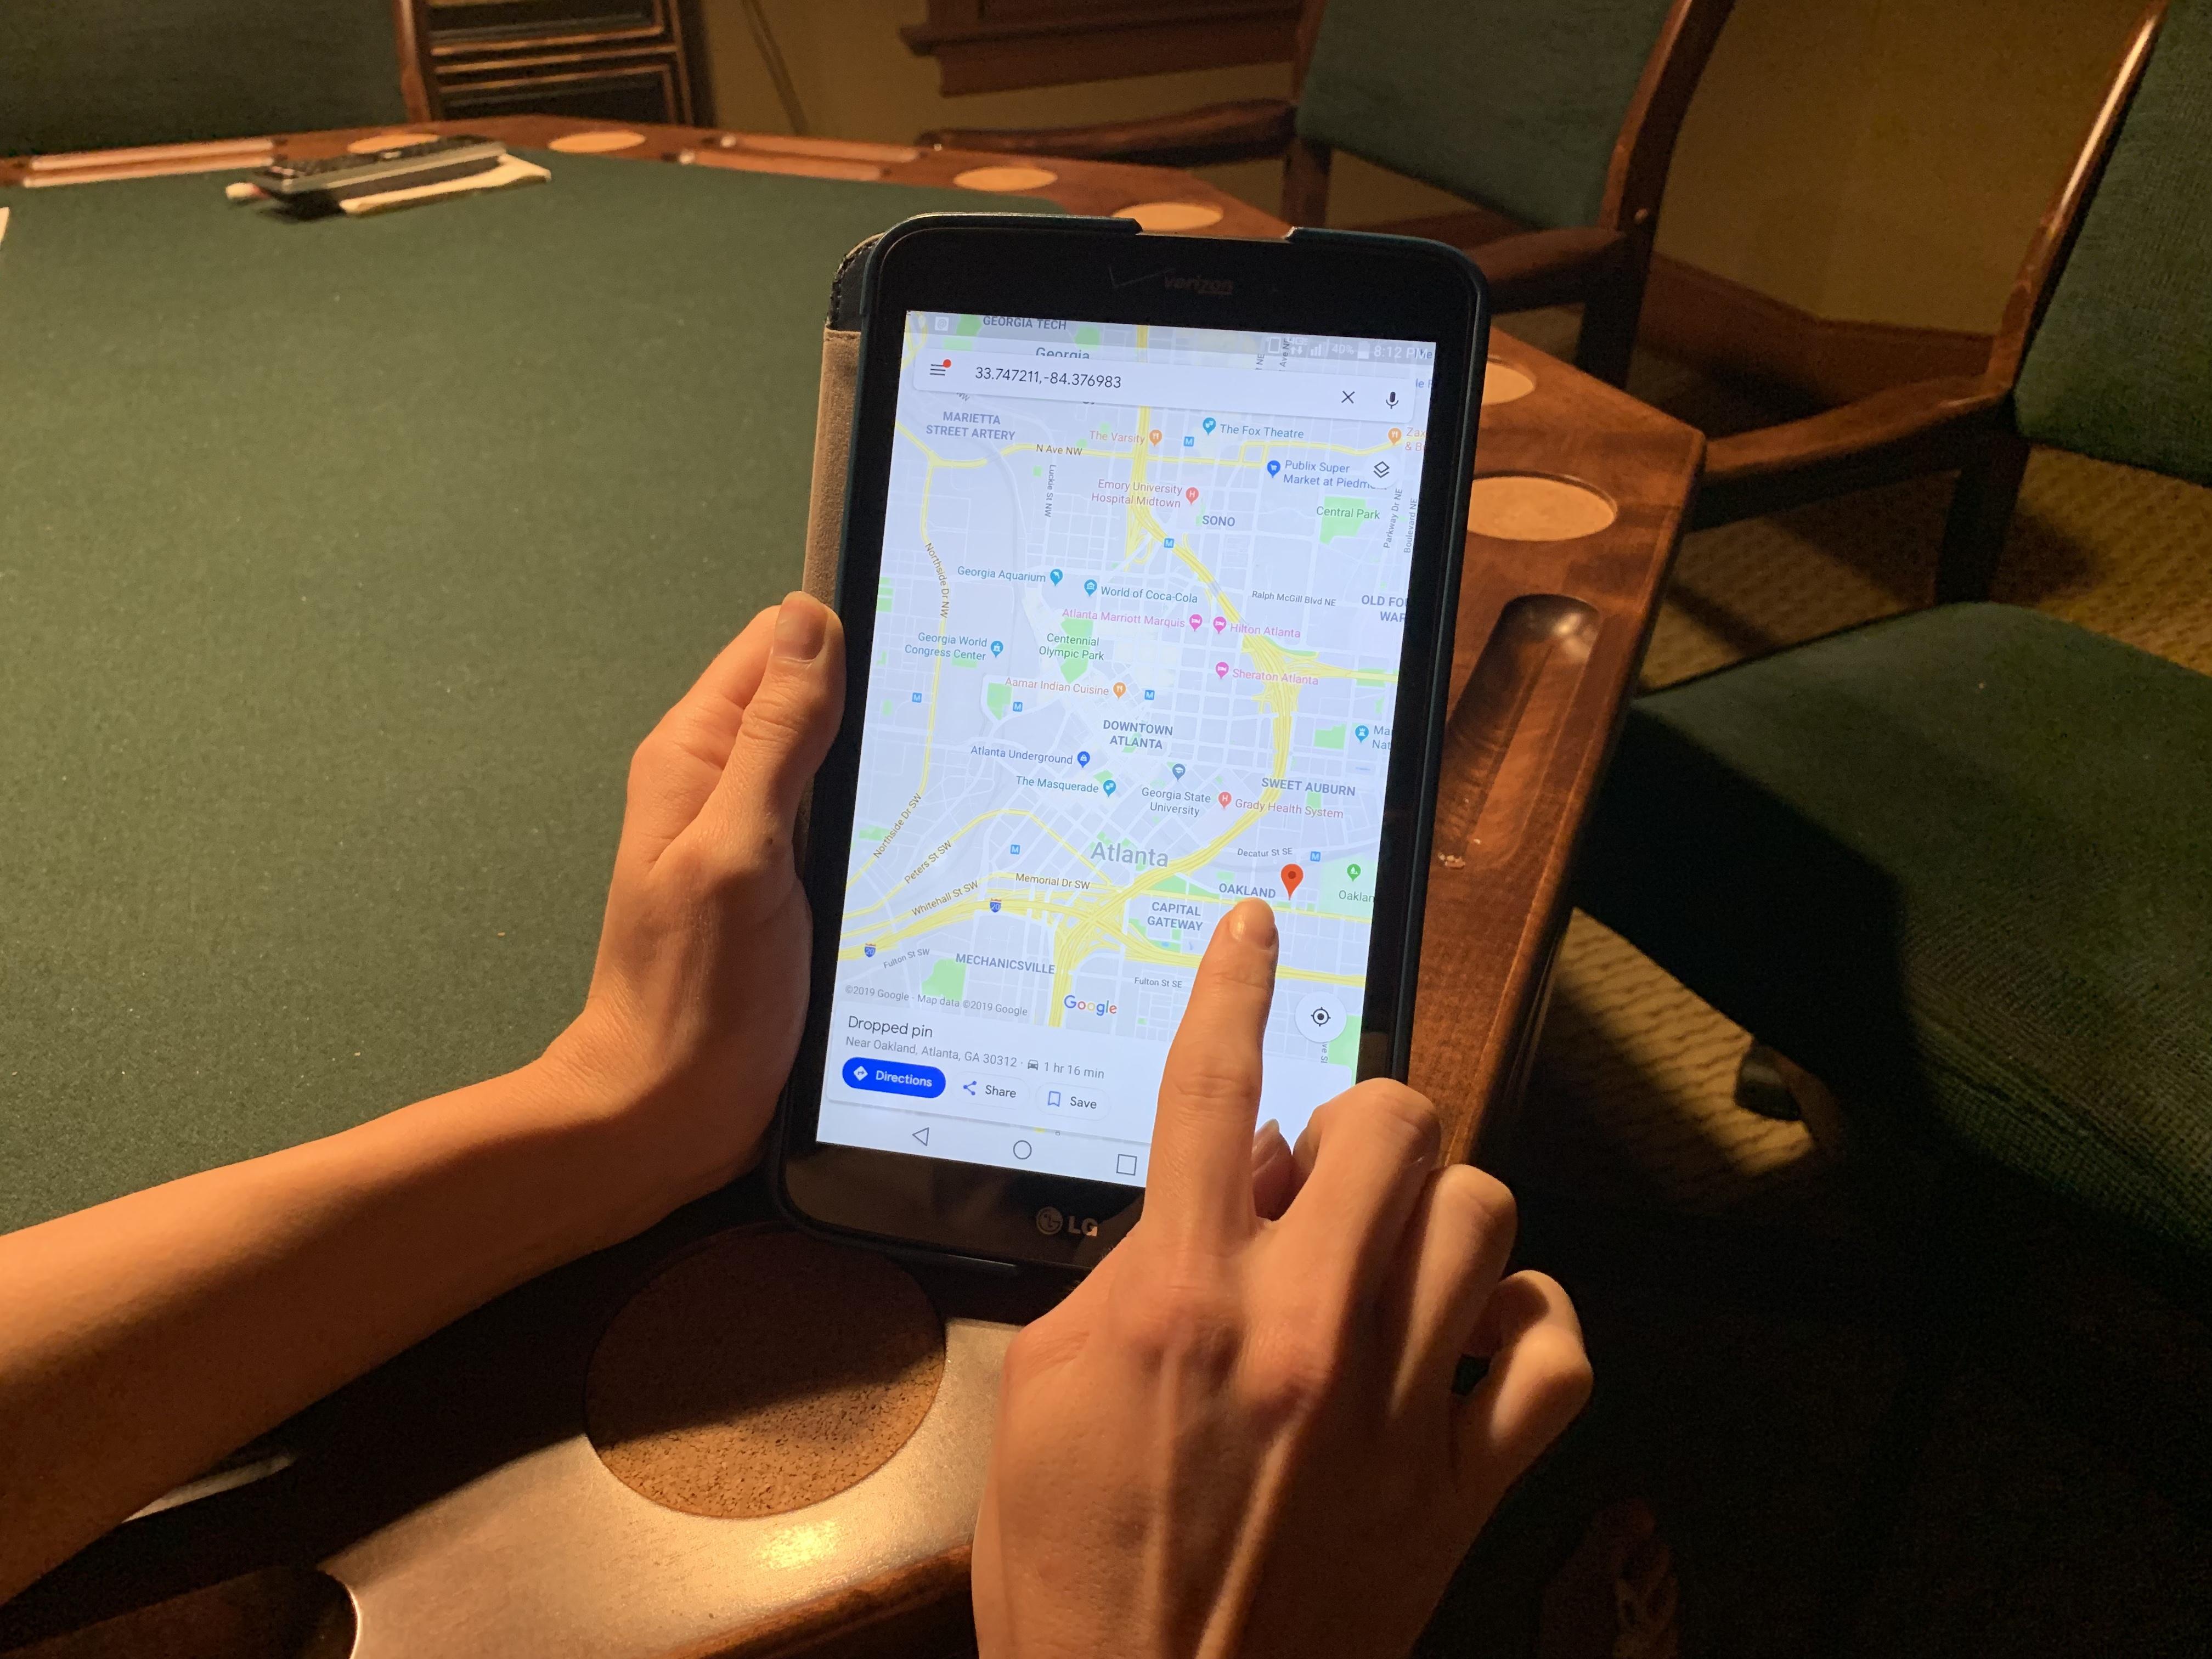 Androidのタブレット、Google Map、女性の手、カジノルームのテーブル